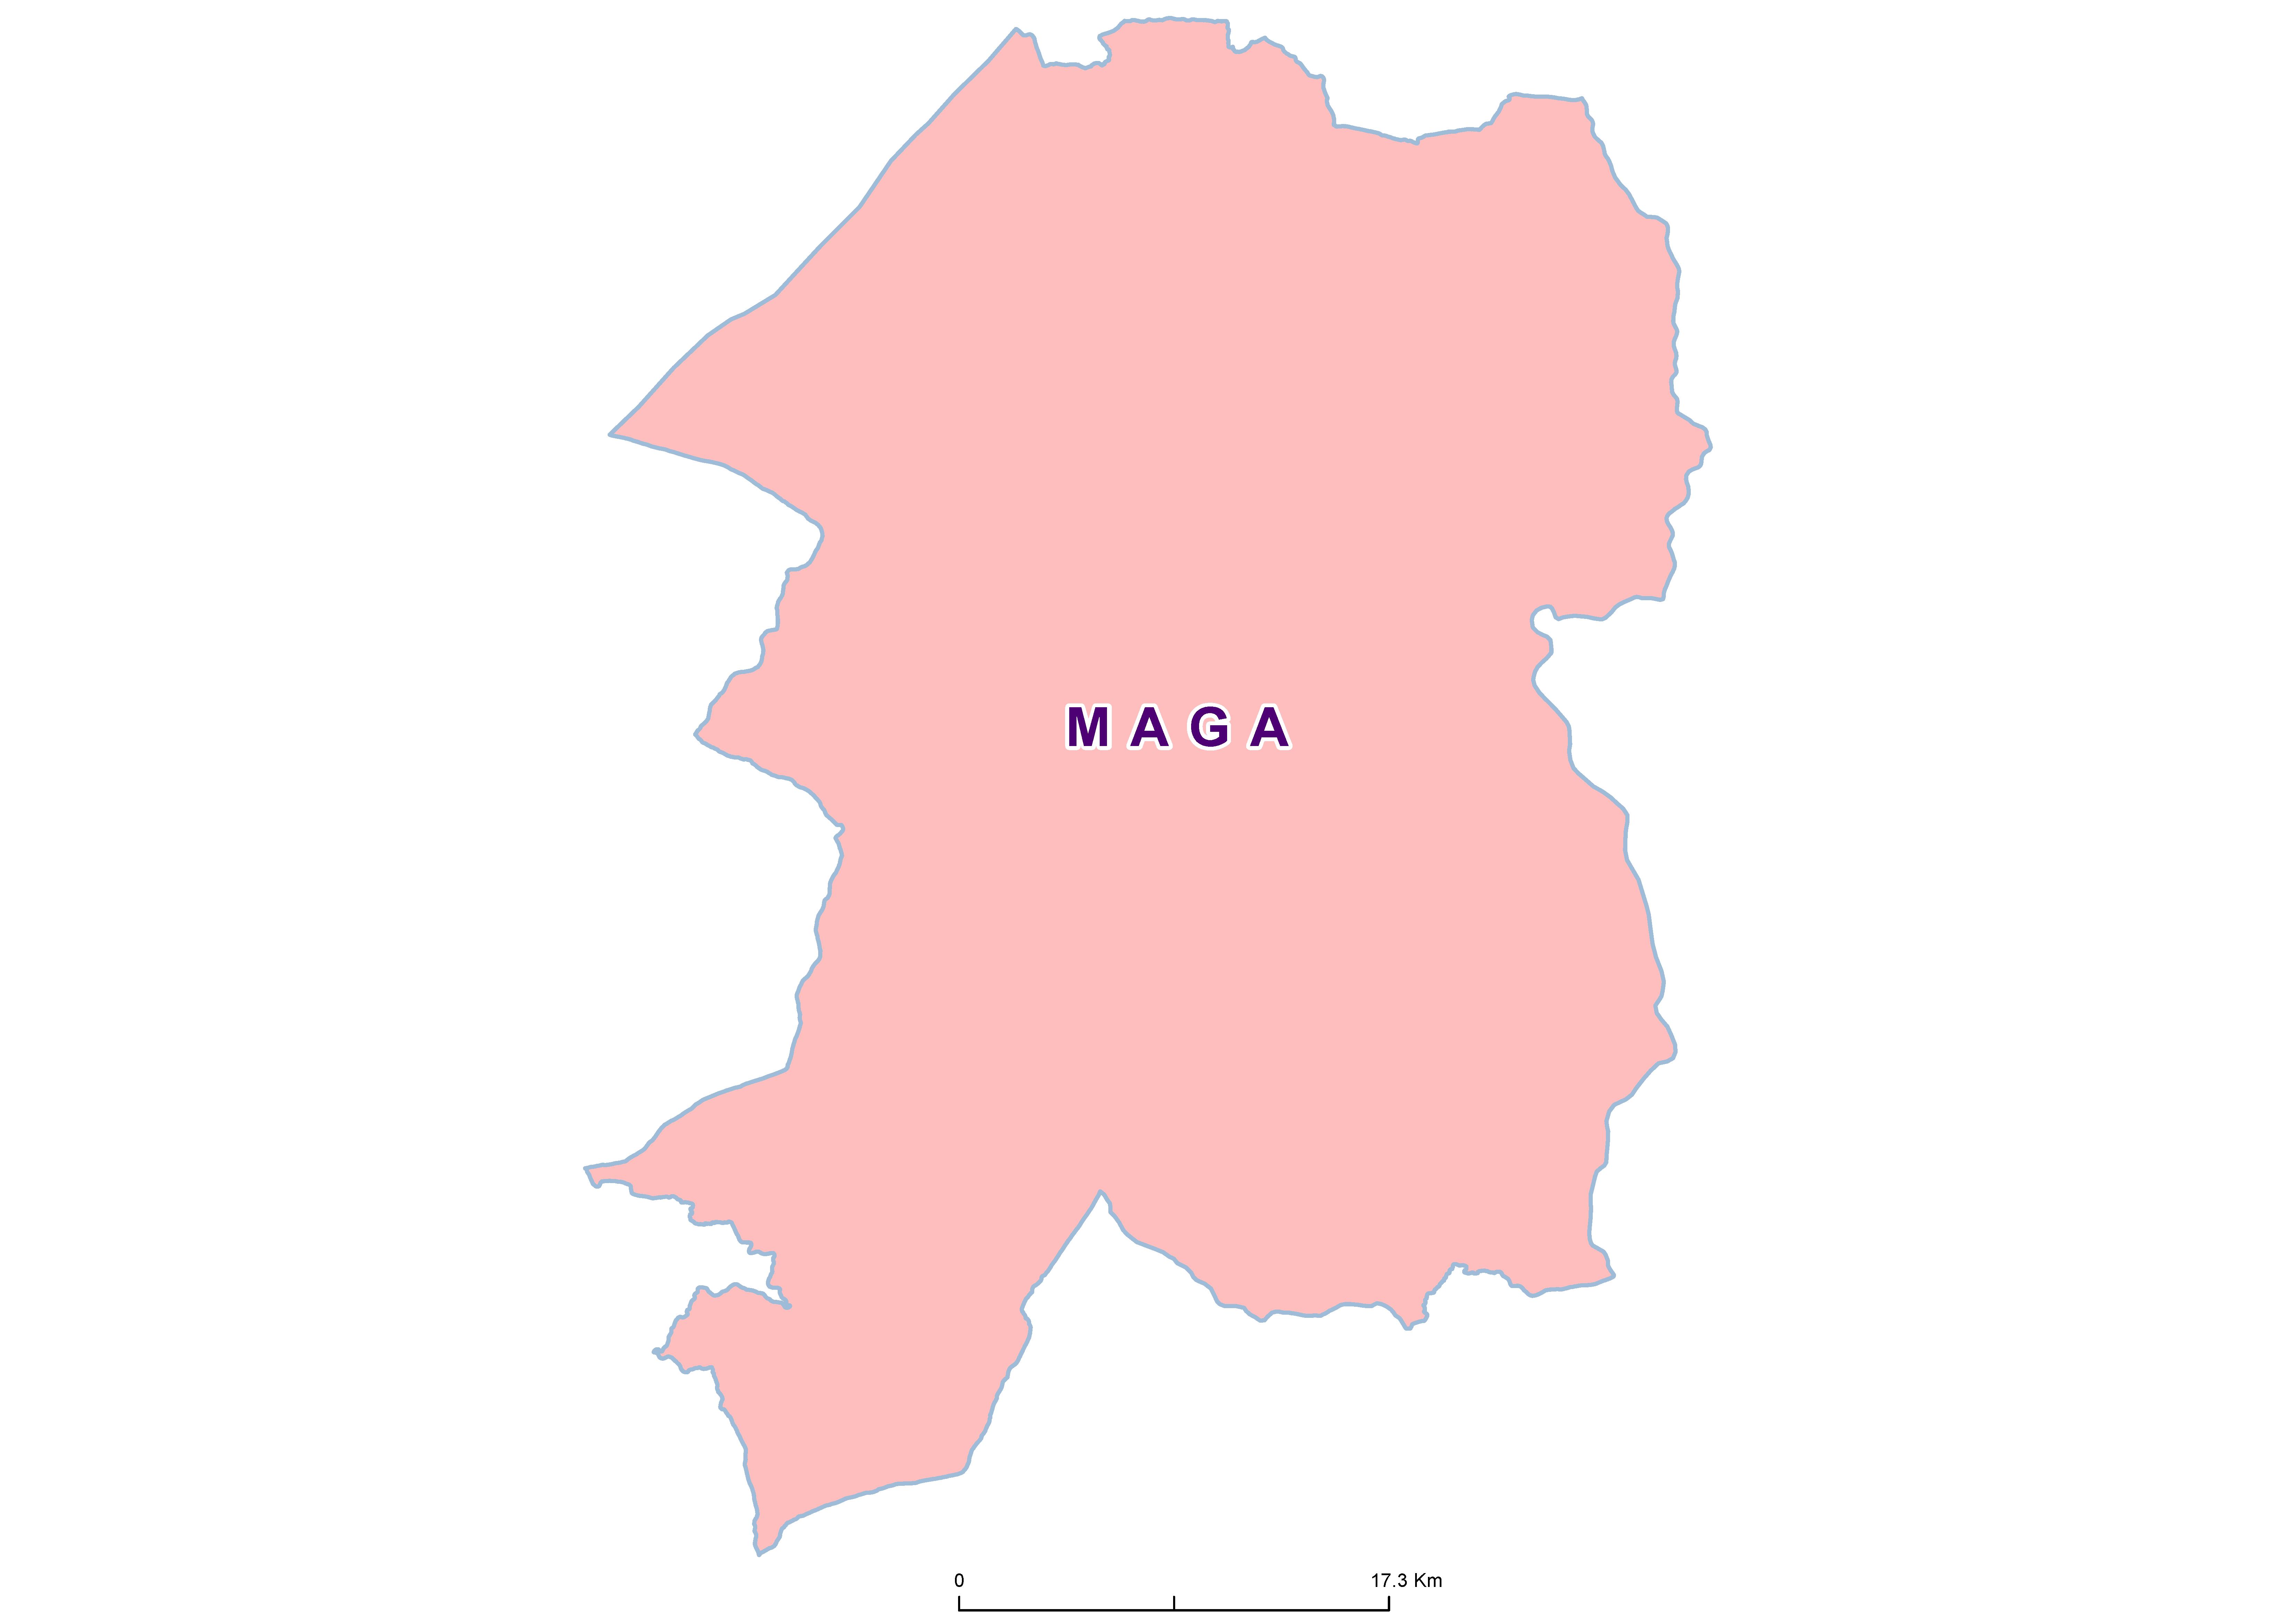 Maga Mean STH 19850001